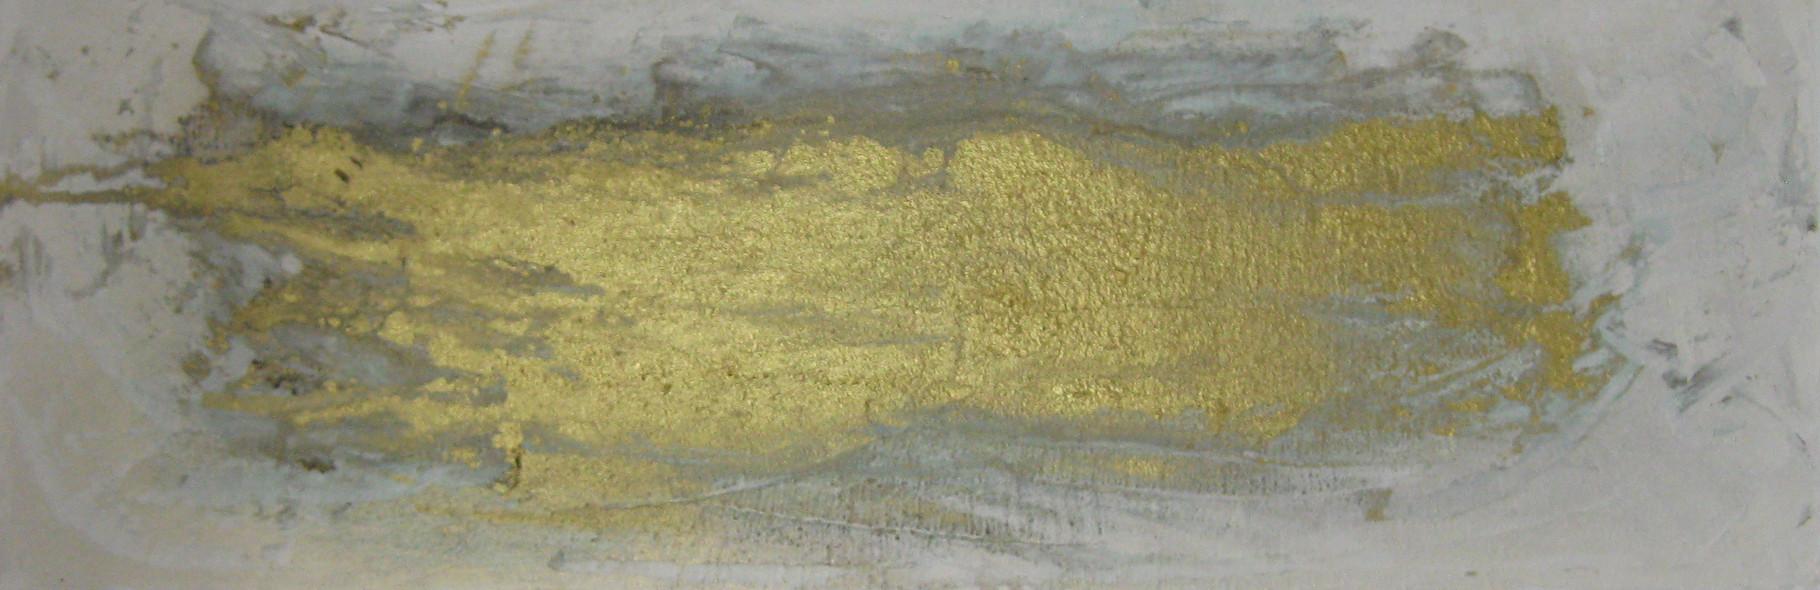 """2015-07 / """"Der Goldfluss III"""" / 40 x 120 cm"""